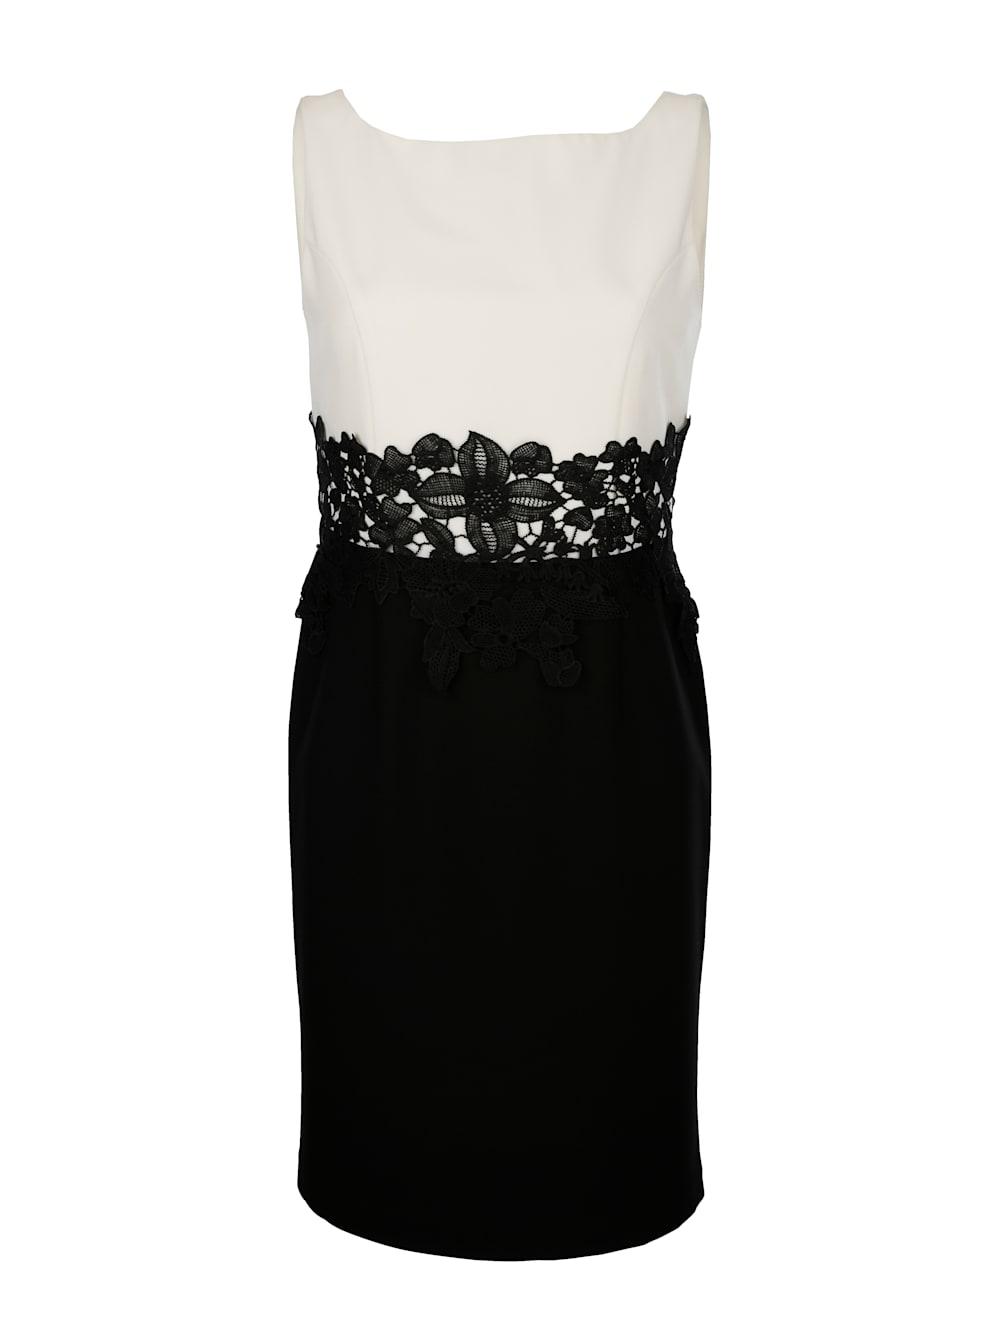 alba moda kleid mit dekorativem spitzenband in der taille | alba moda